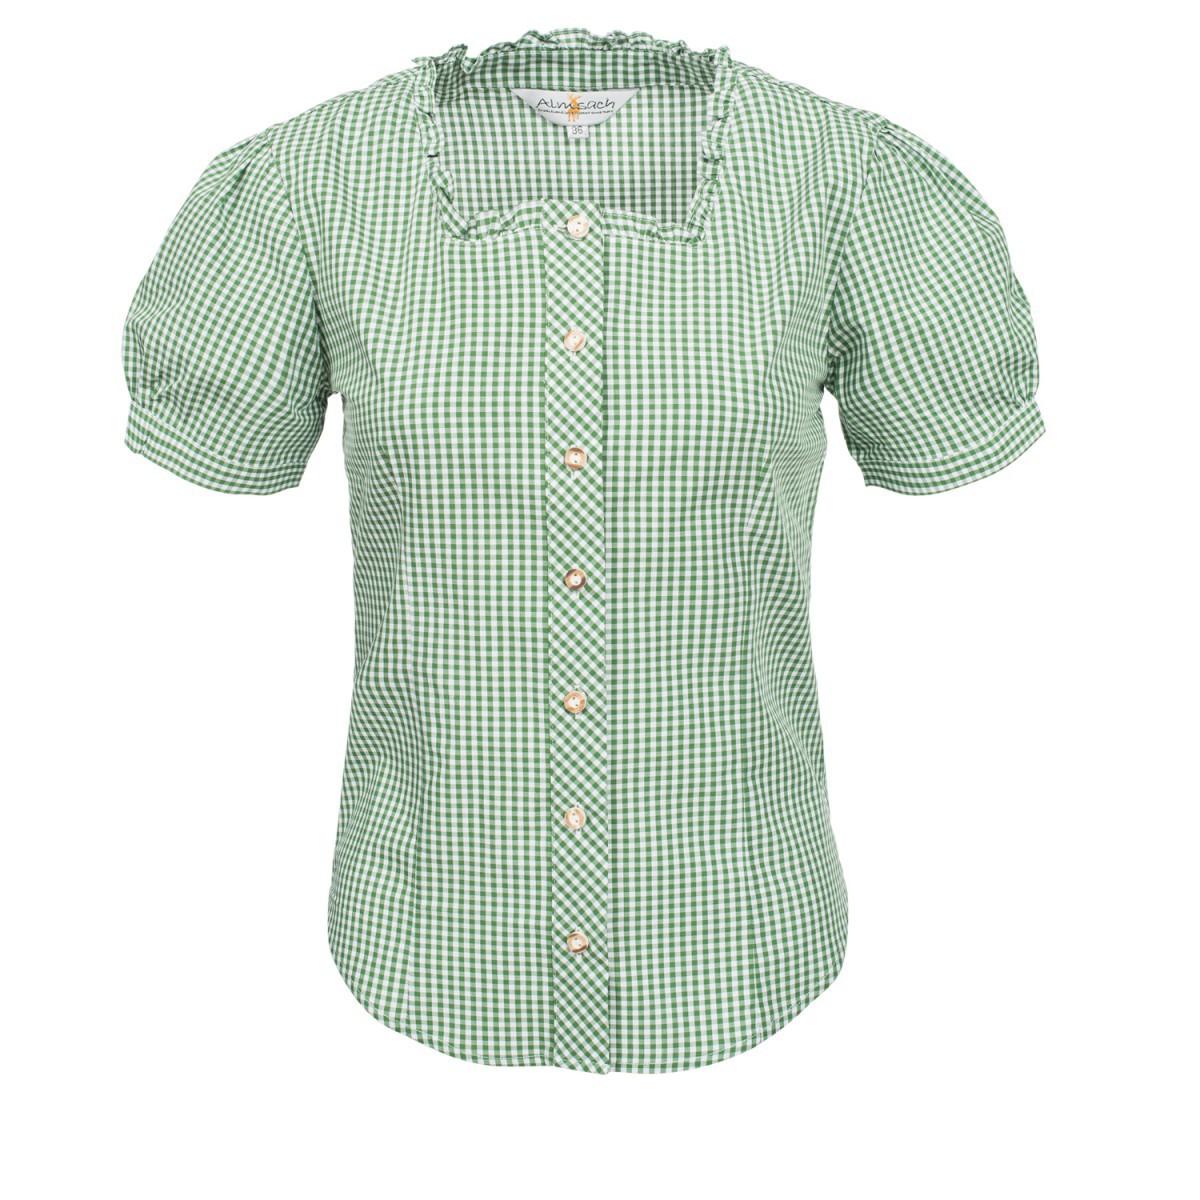 Trachtenbluse Kate in Grün von Almsach günstig online kaufen